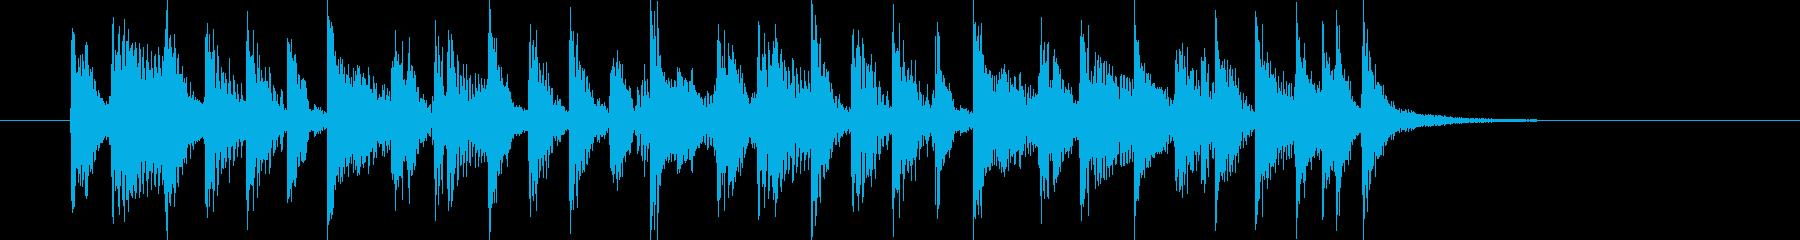 ギターカッティングがかっこいいジングルの再生済みの波形